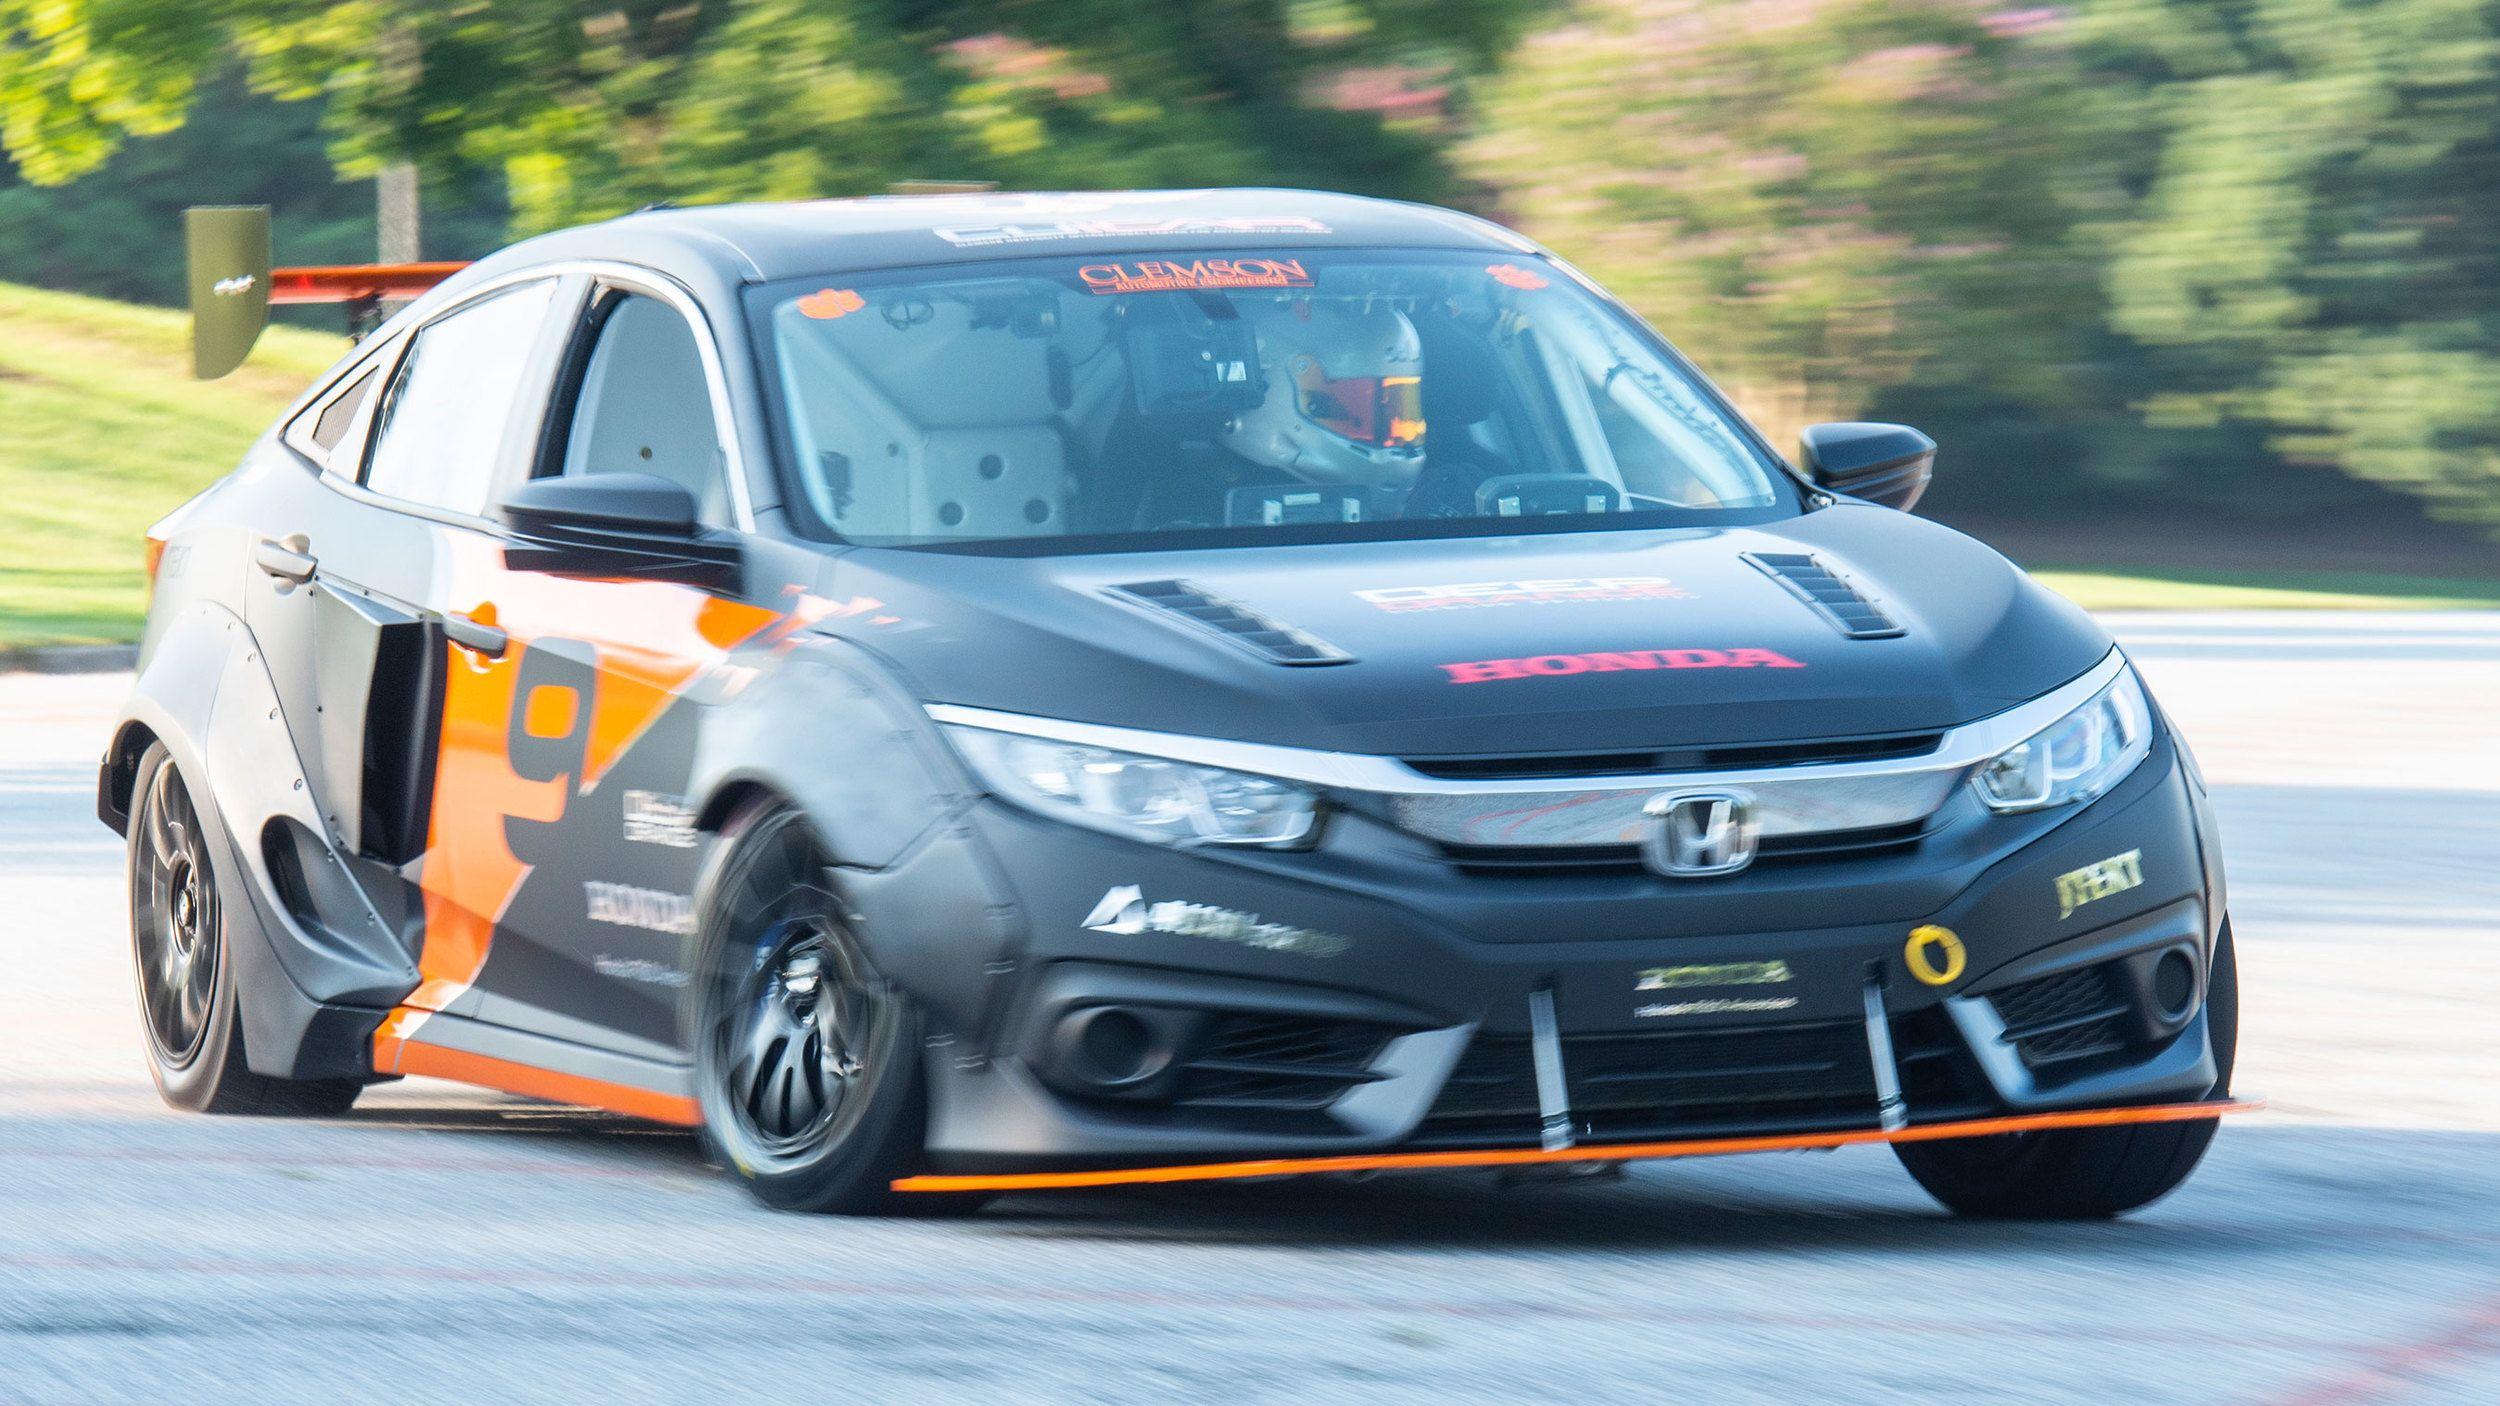 2018 Honda Civic Deep Orange 9 Top Speed Honda Civic Honda Civic